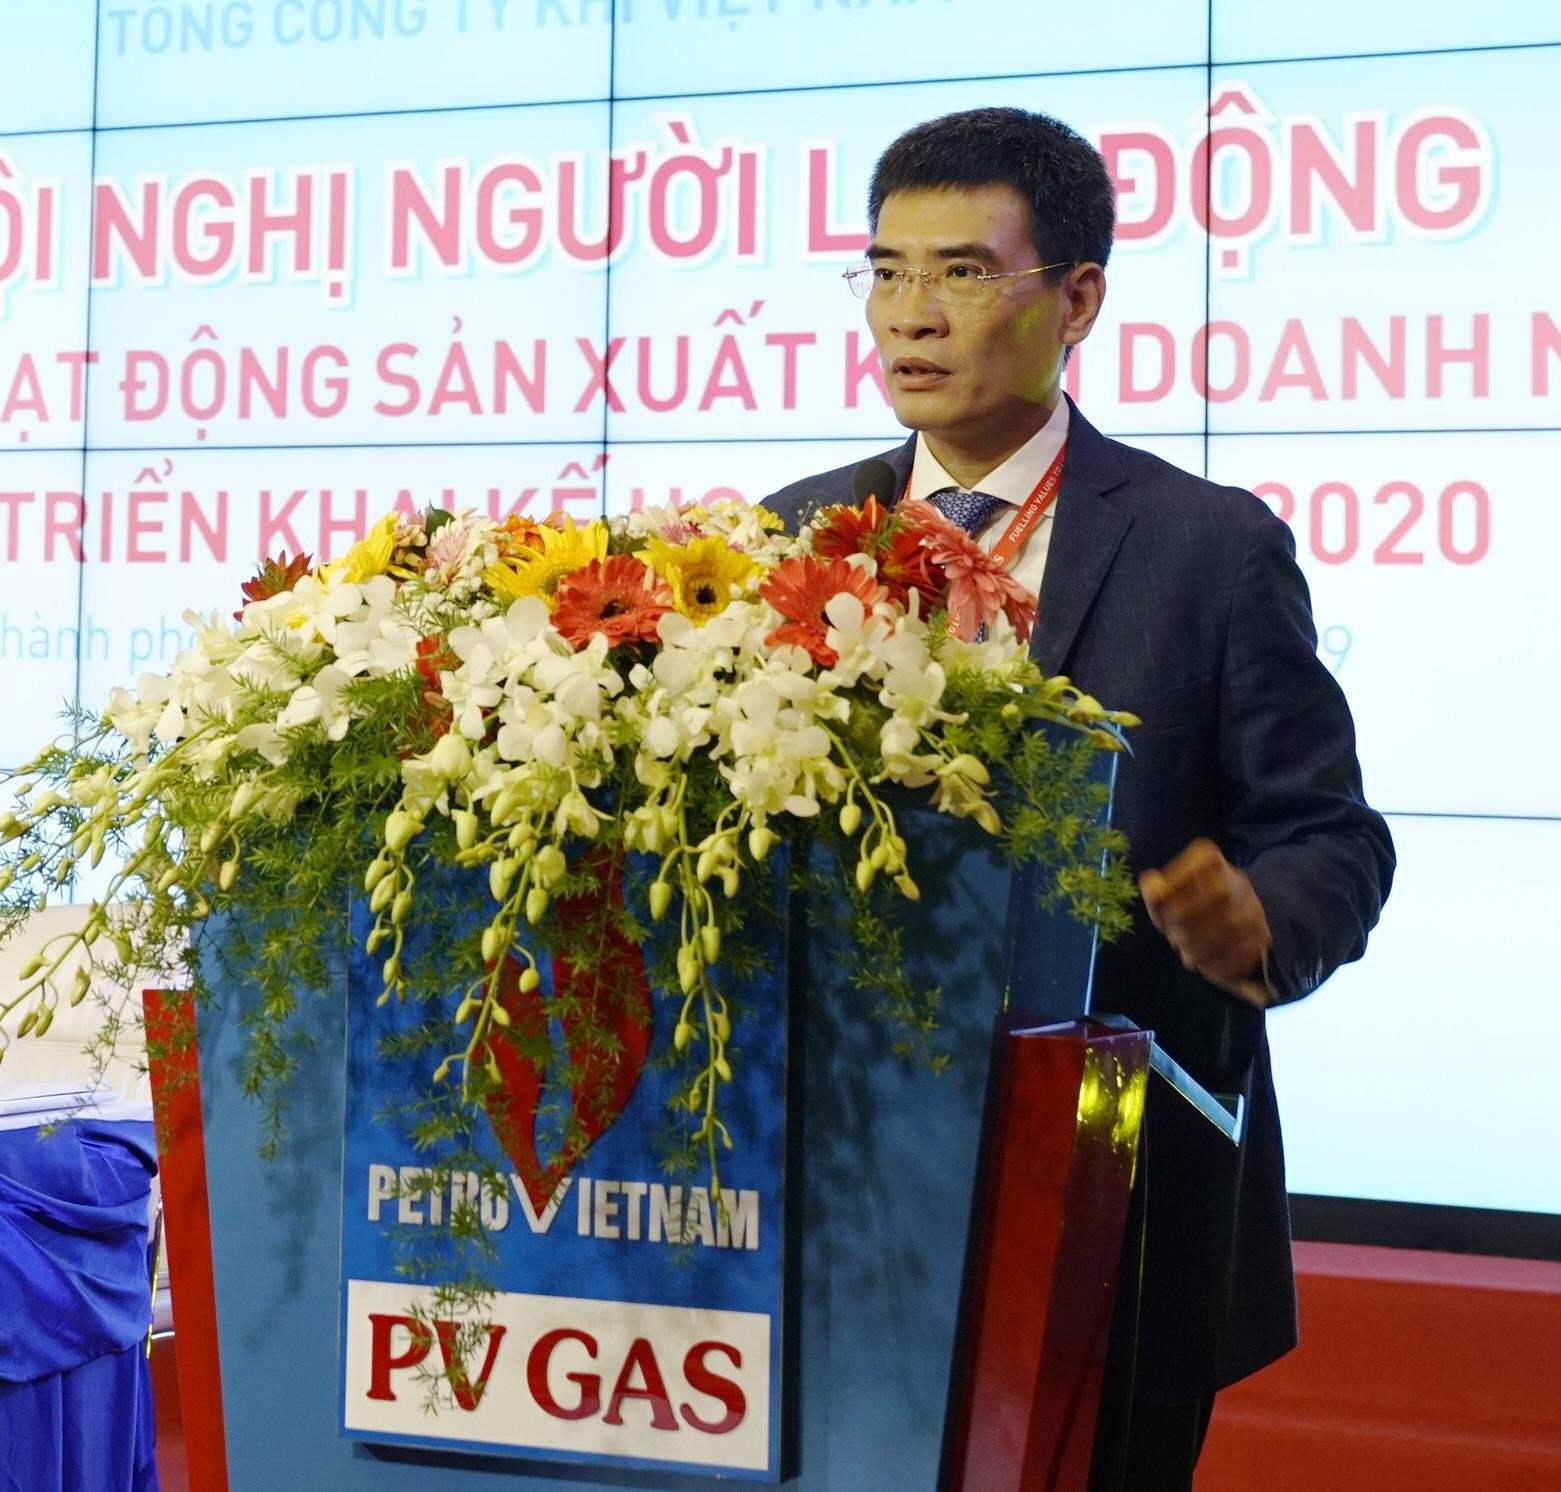 PV GAS ước lãi sau thuế trên 11.000 tỉ đồng năm 2019 - Ảnh 1.